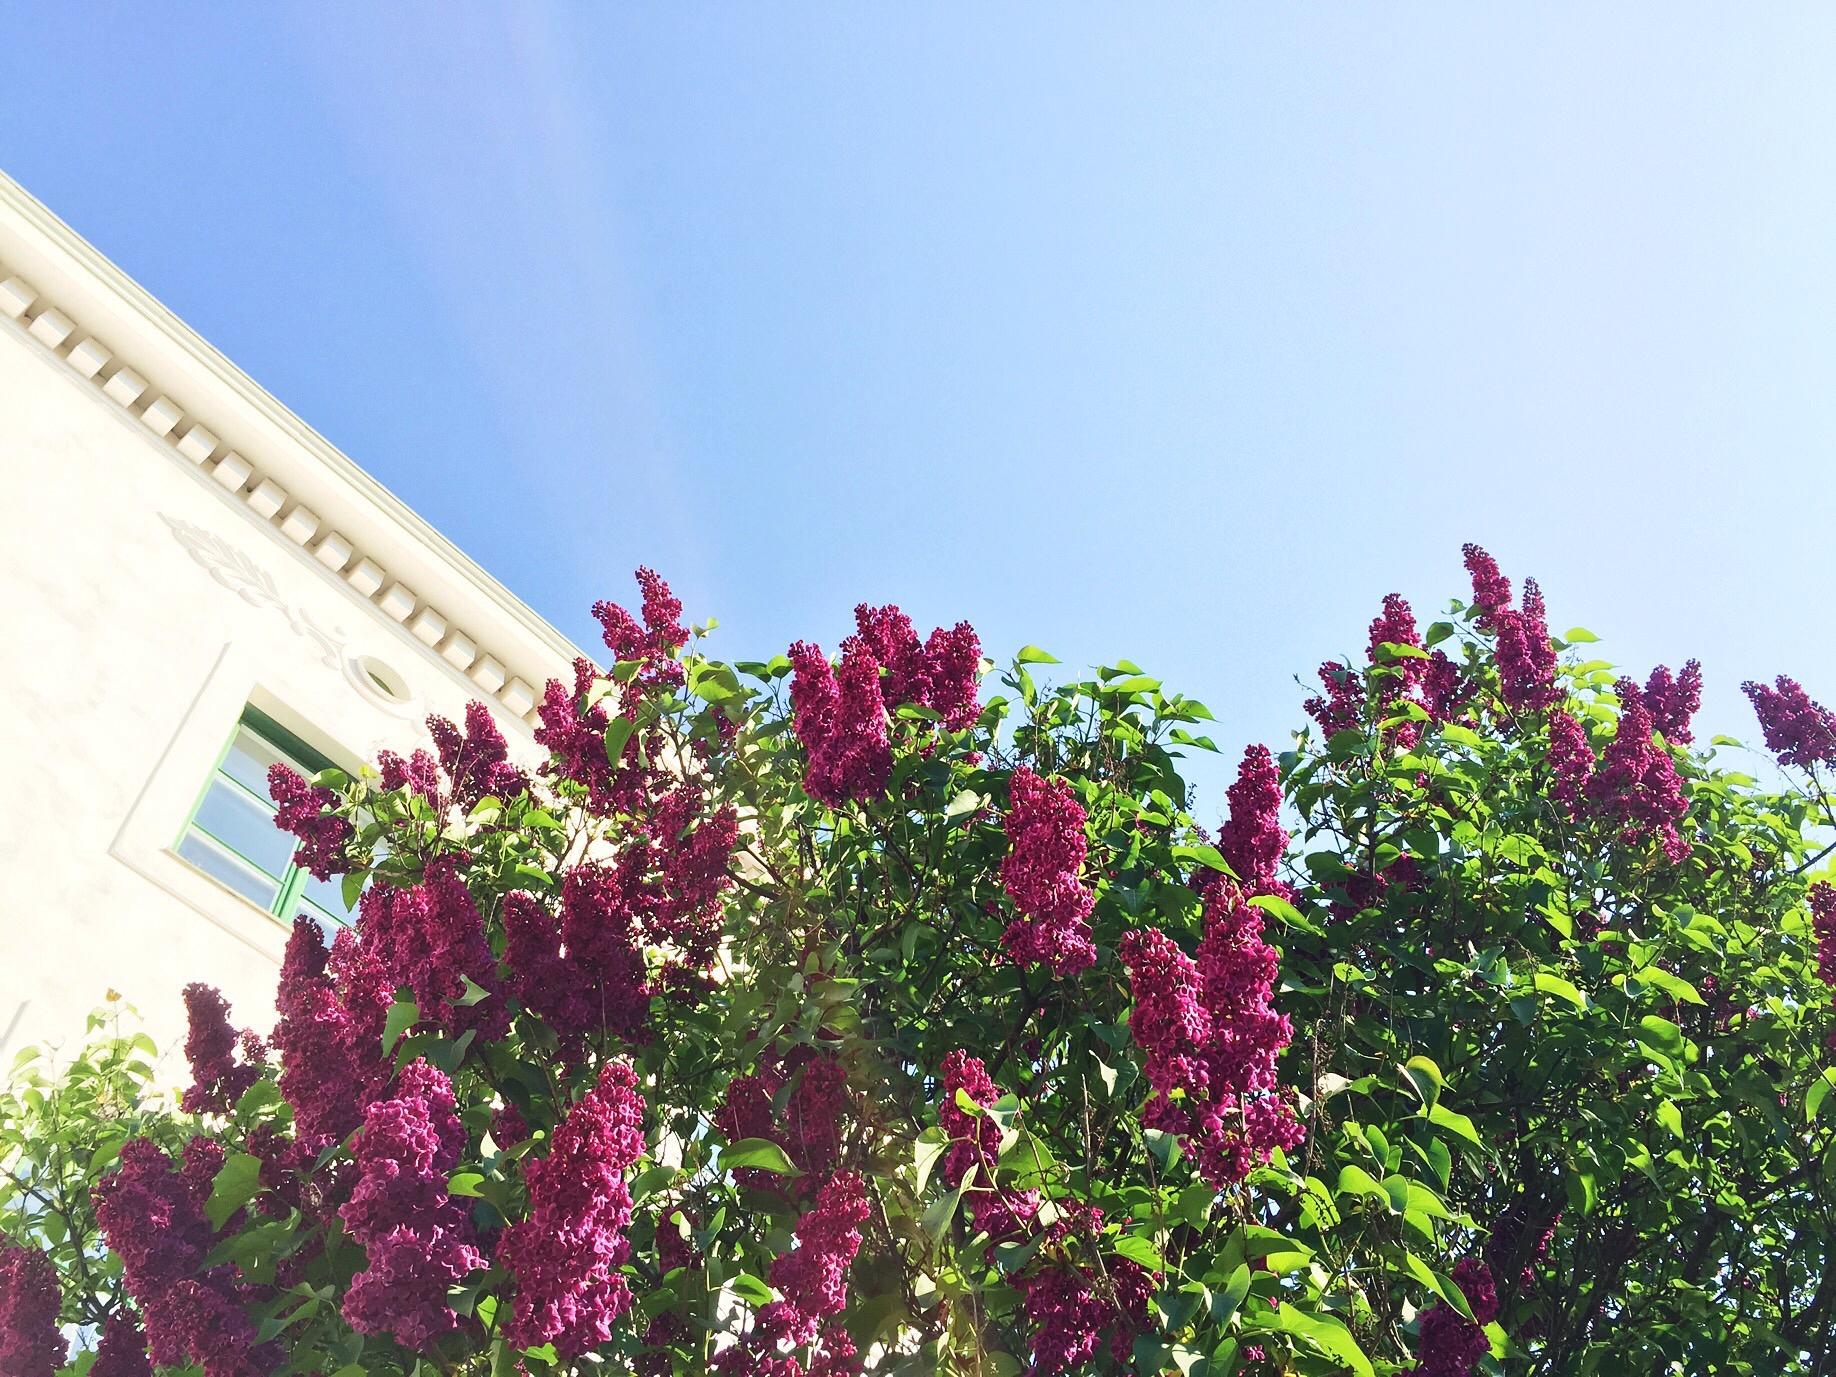 lilac tree spring